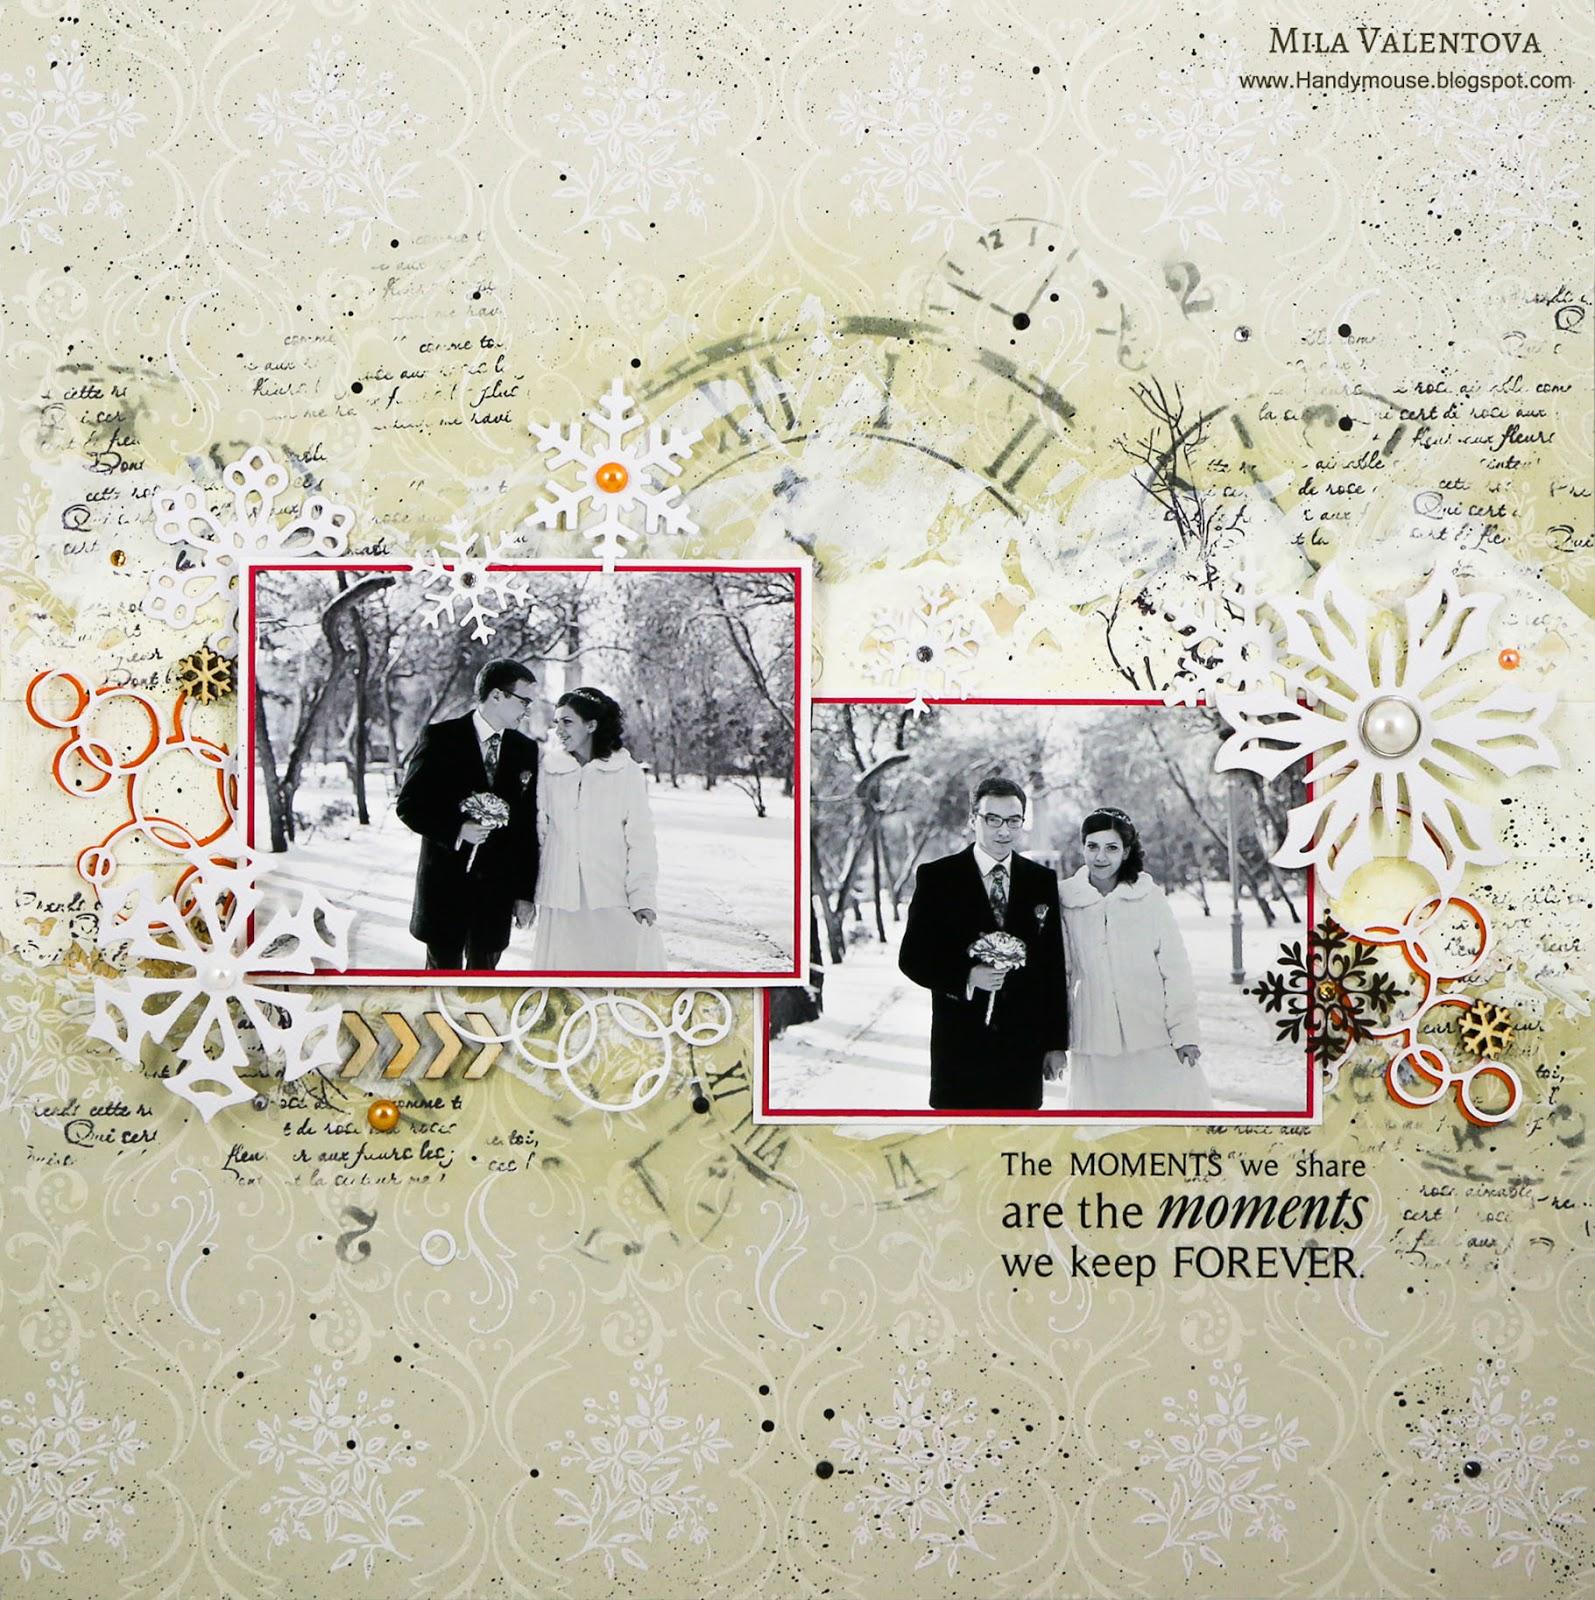 Скрапбукинг. Страничка свадебного альбома вальс снежинок. Мила Валентова.